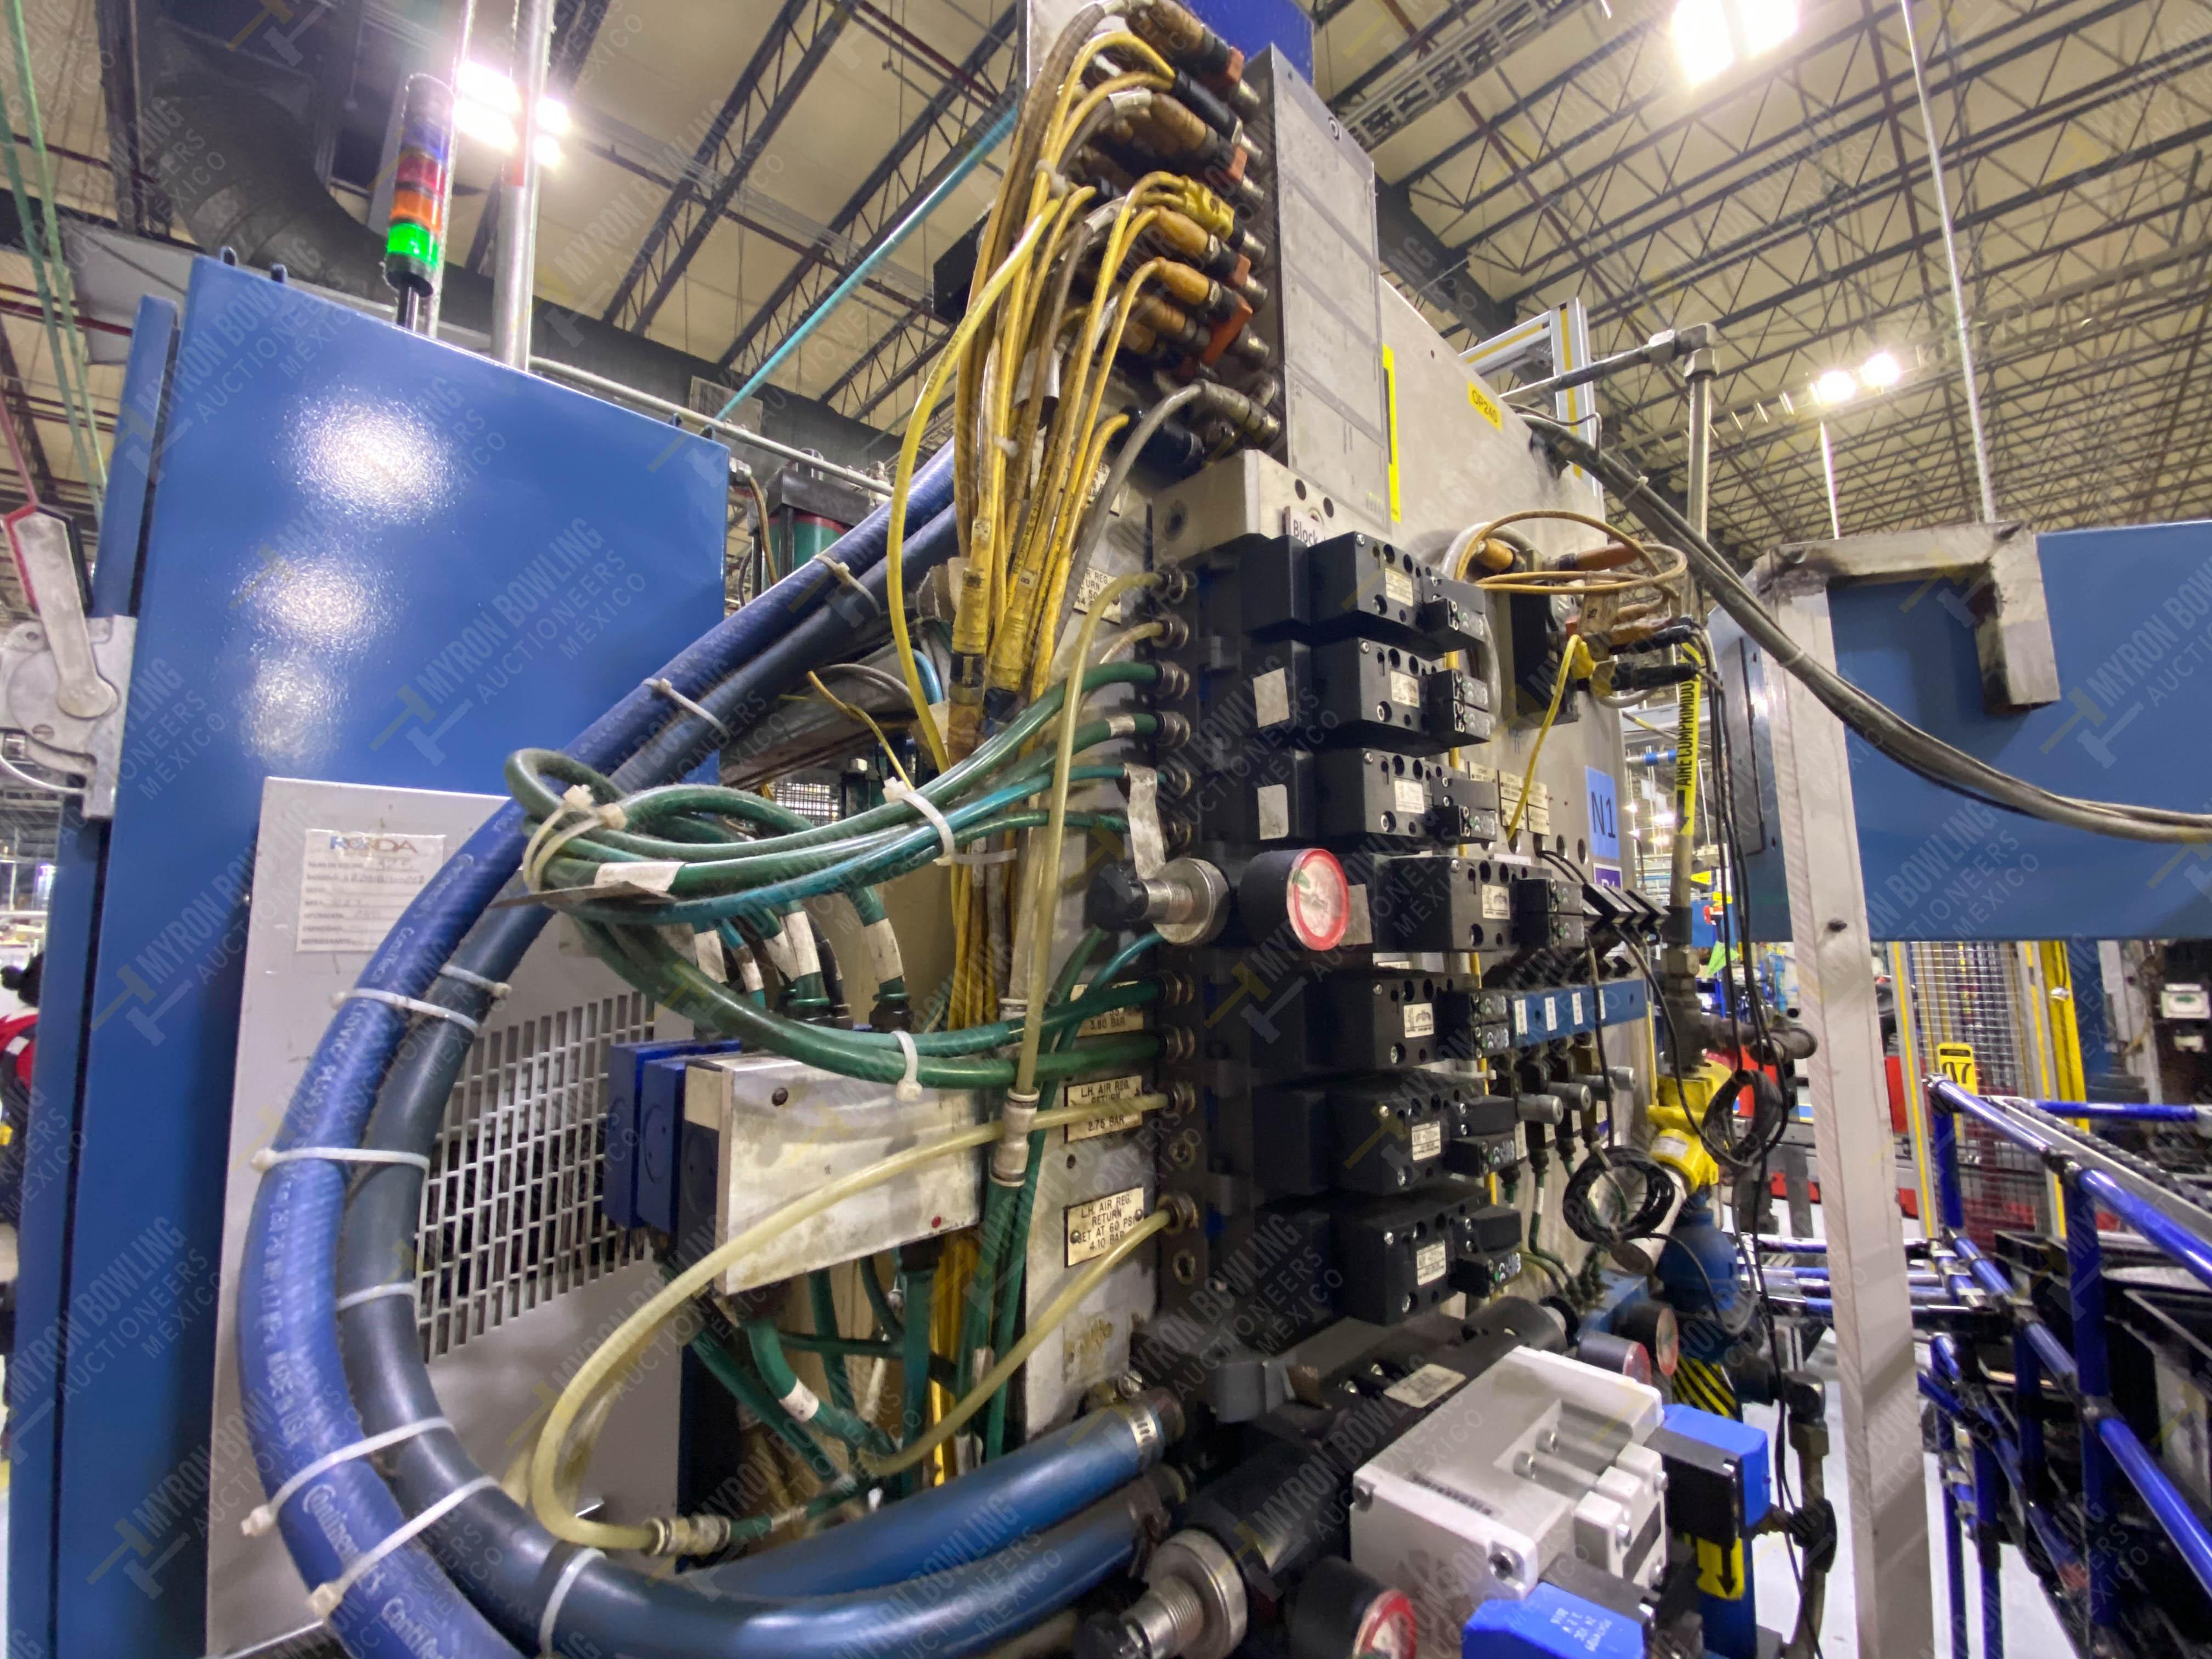 Estación semiautomática para operación 240A de ensamble de balero - Image 20 of 29